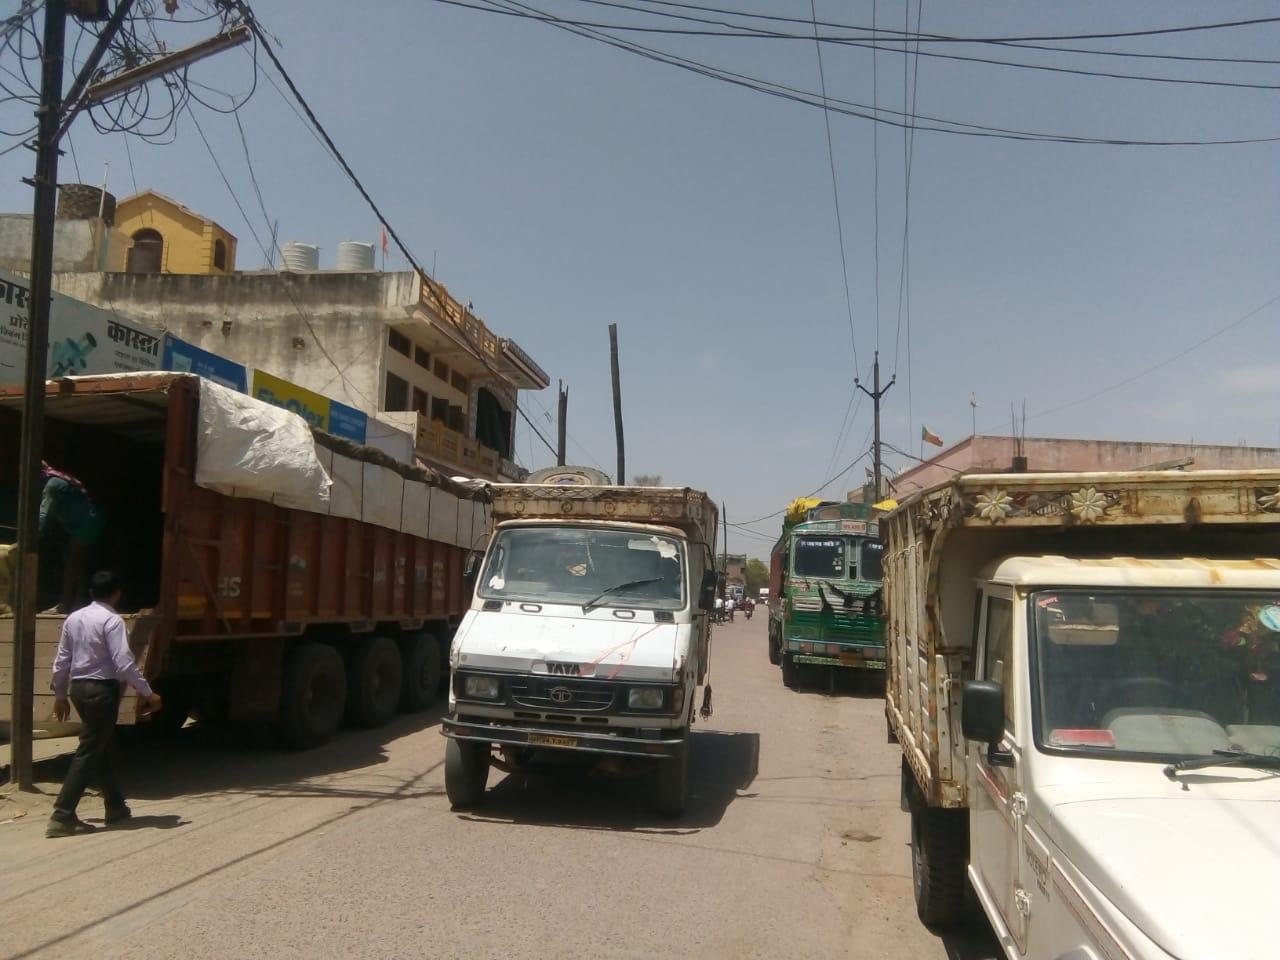 अवैध रूप रहवासी क्षेत्र में संचालित हो रही ट्रांसपोर्ट, भारी वाहनों मुख्य सड़कों पर जमाए रहते कब्जा